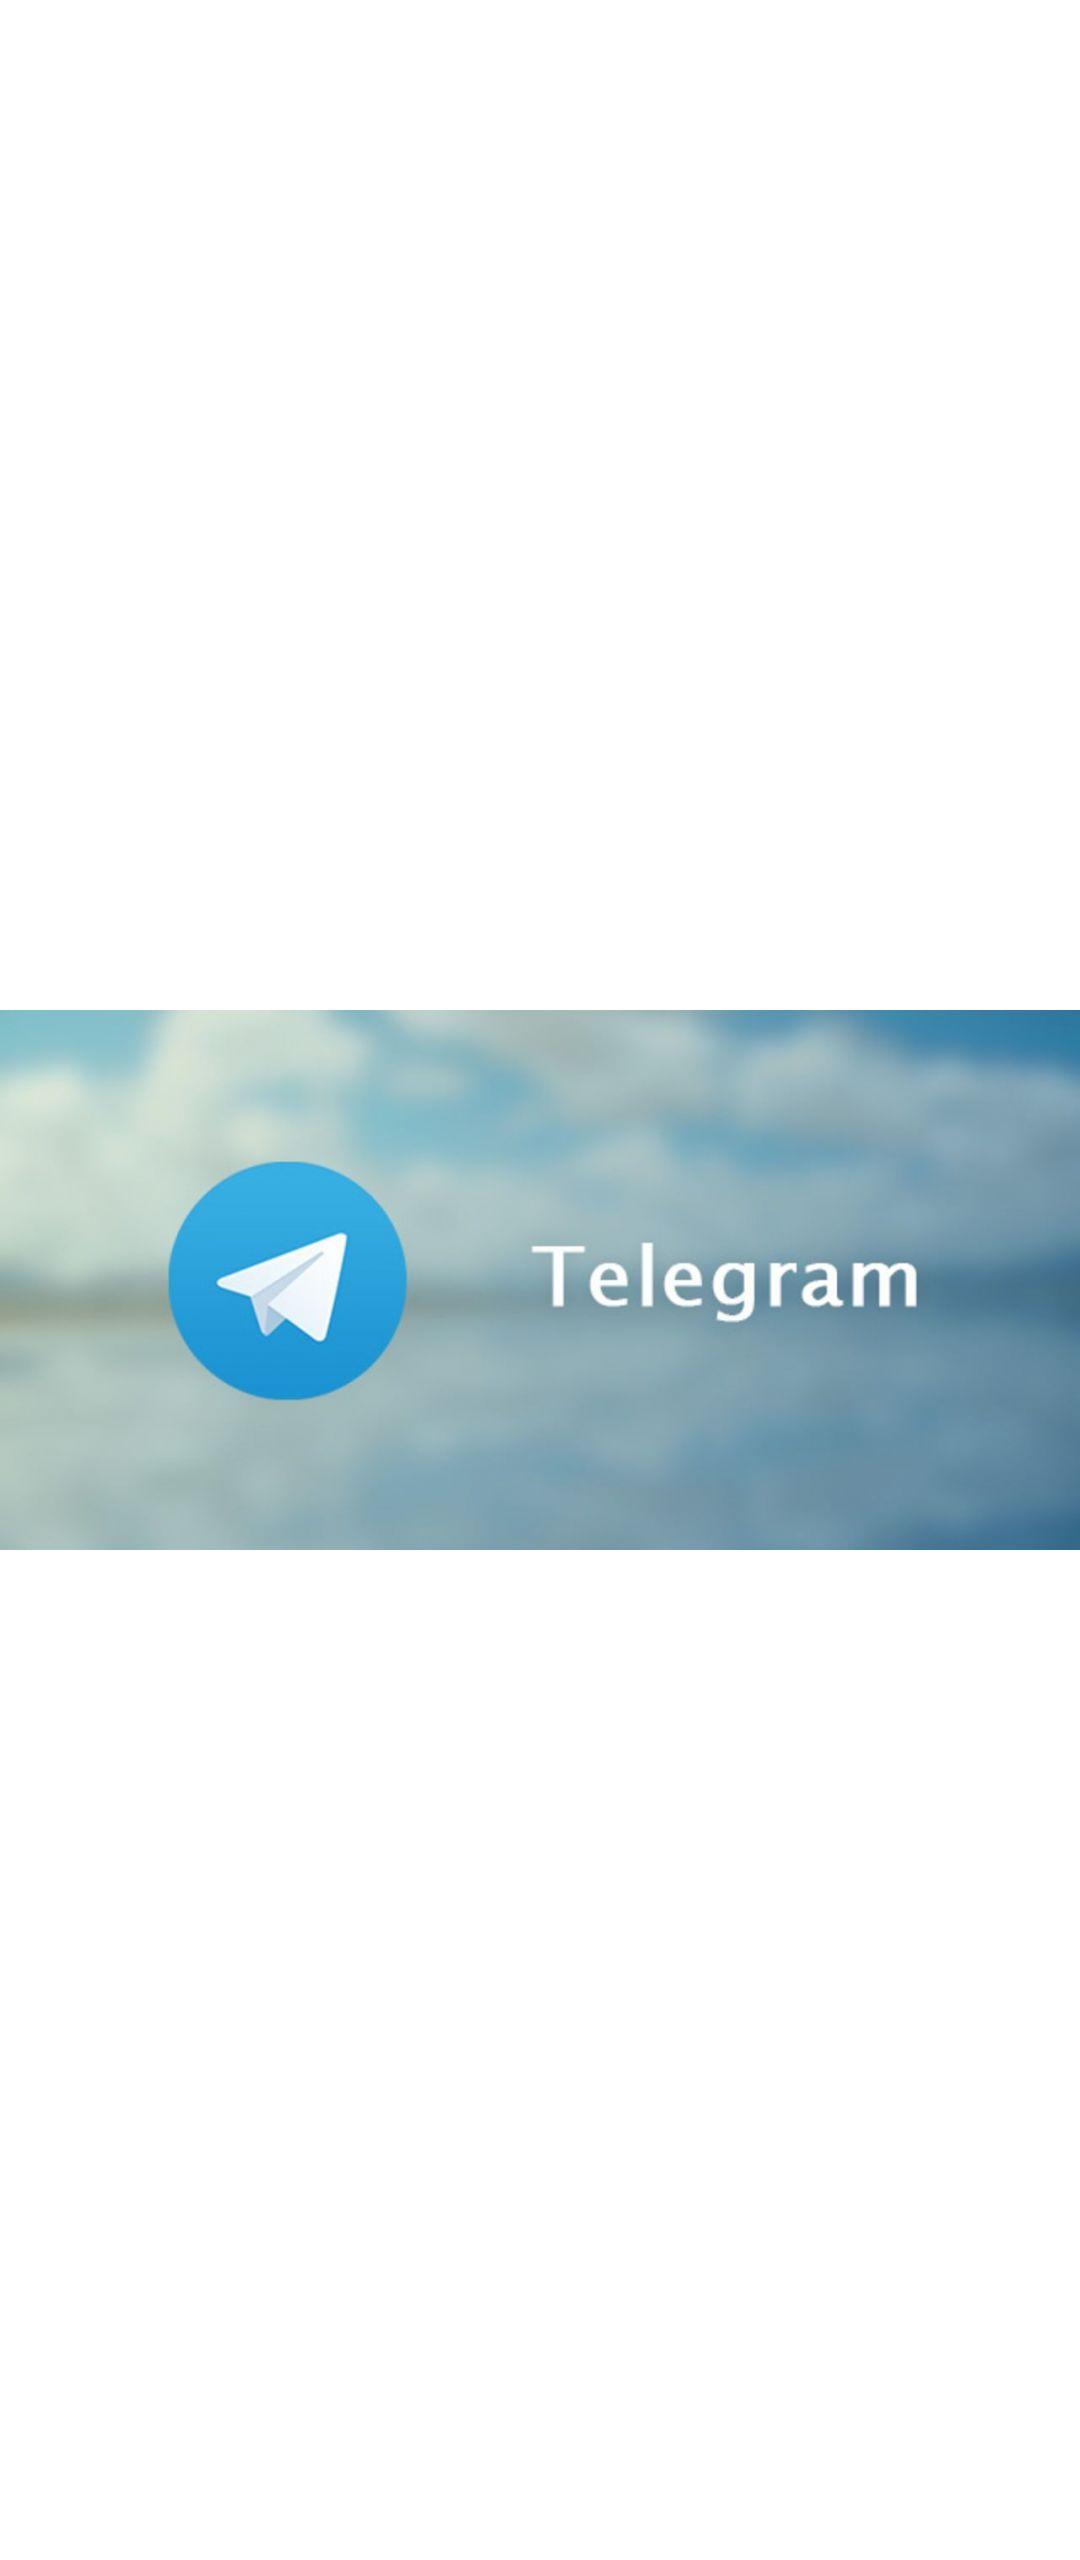 ¡Telegram ahora tiene llamadas de voz!